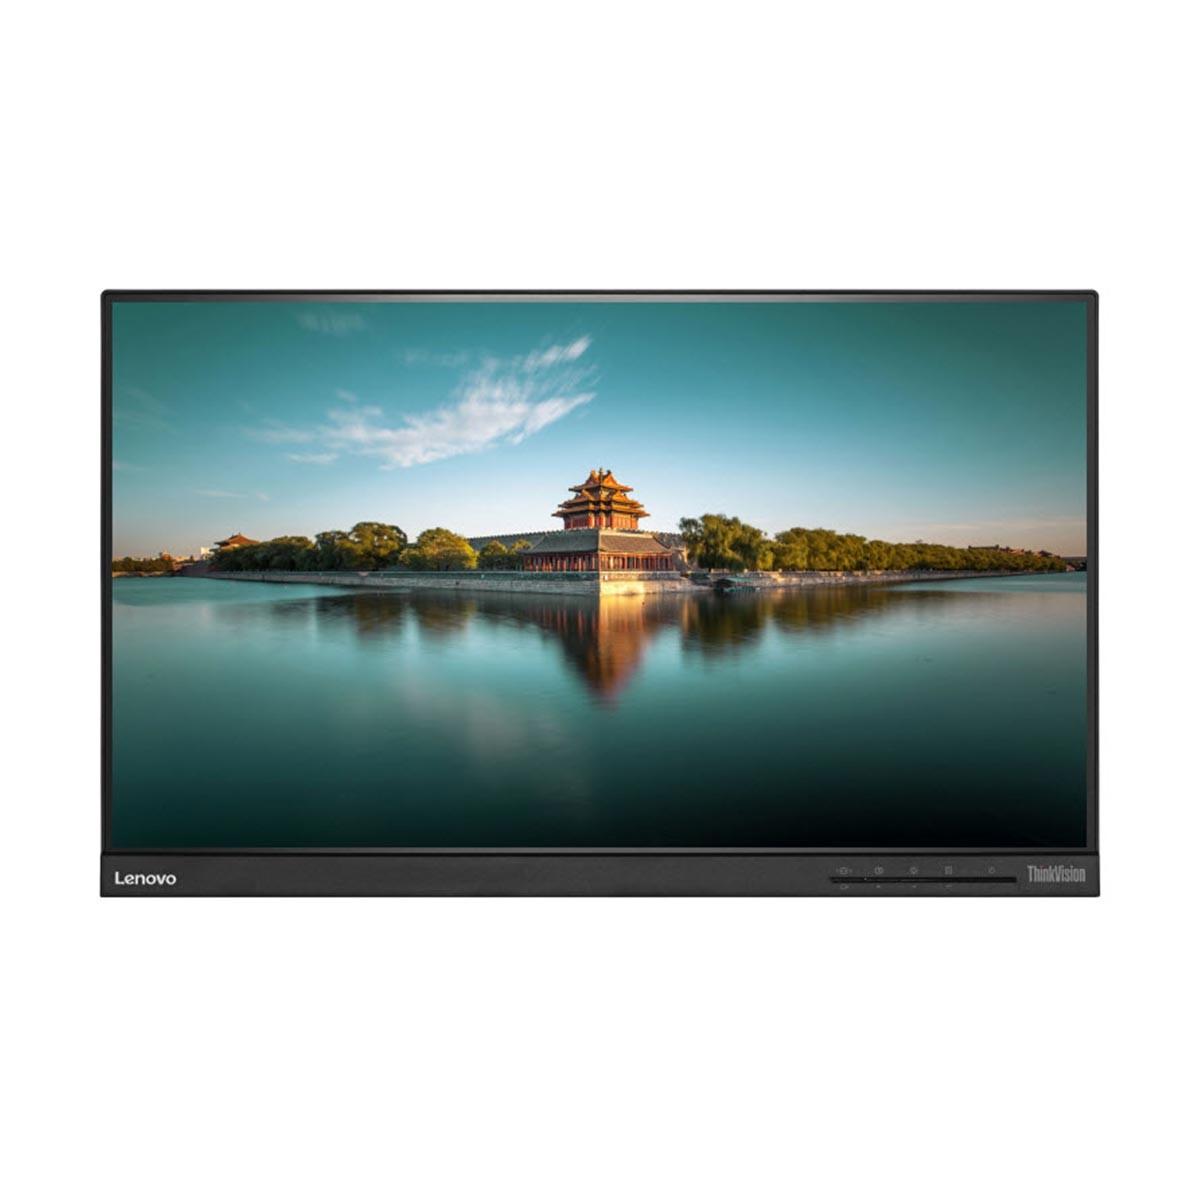 (EOL) Lenovo™ ThinkVision® T2364t Bildschirm Modell 60E9-MAT1 - Touchscreen